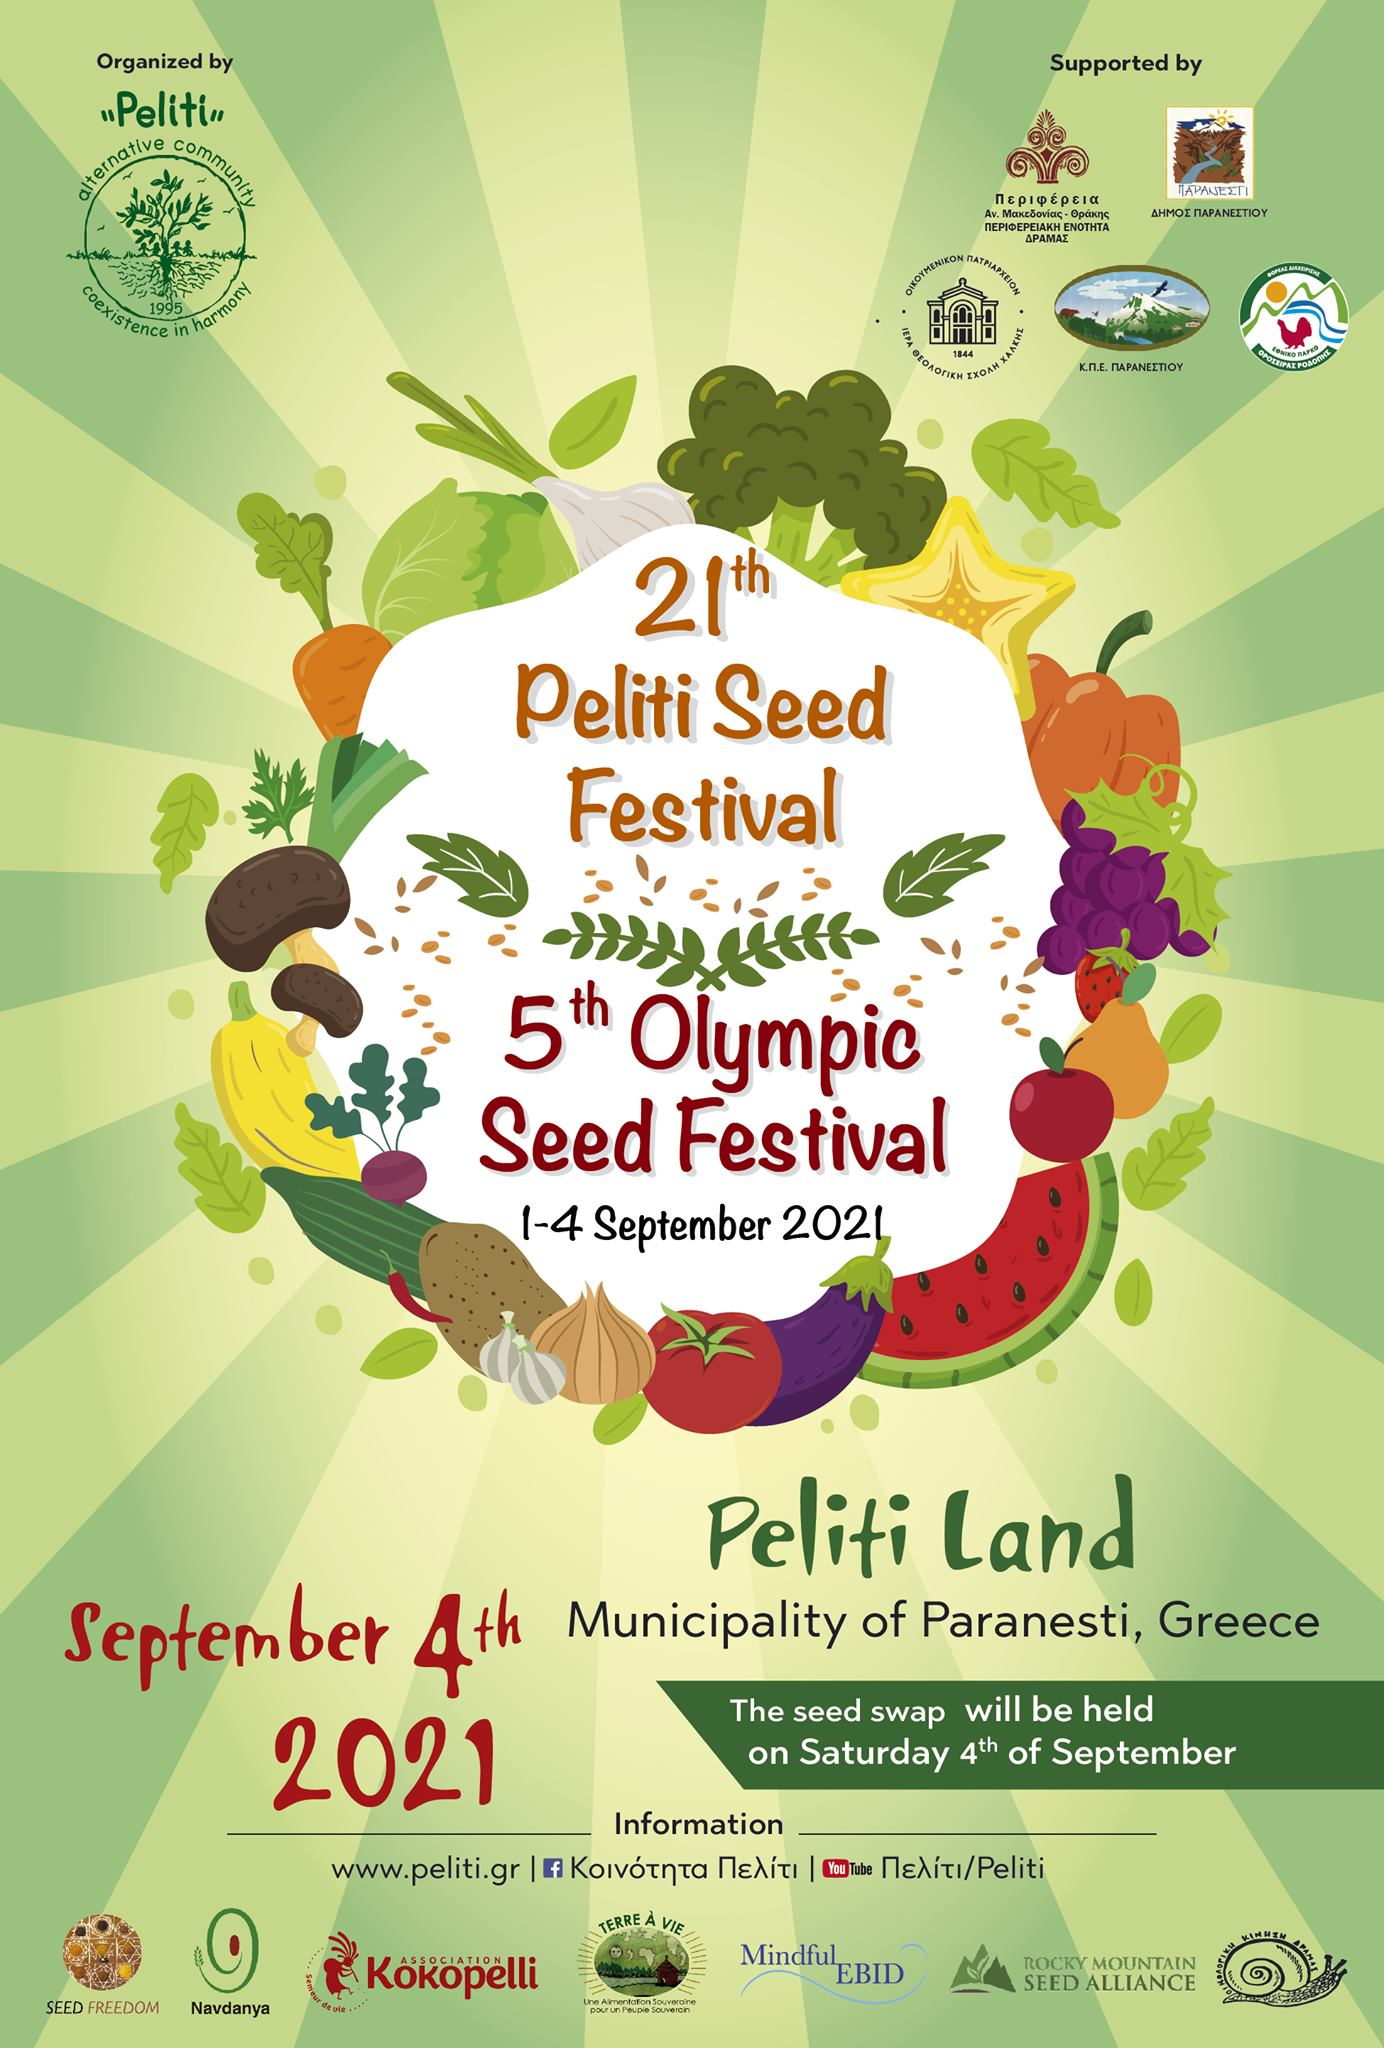 Peliti & Olympic Seed Freedom Festival 2021